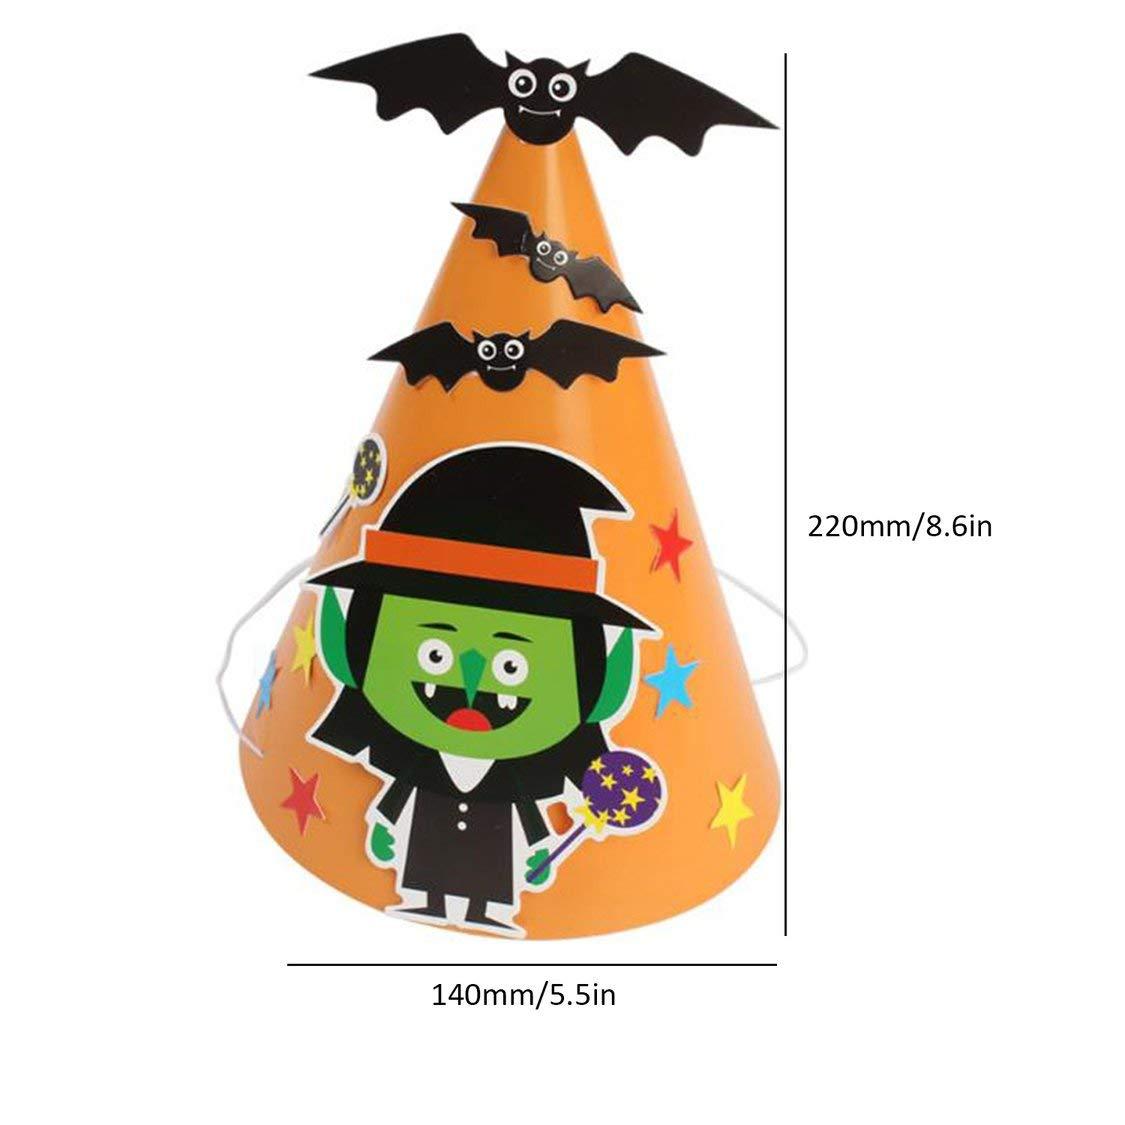 FancysweetyFR Chapeau Halloween Enfants Coiffure Bricolage Papier Cartoon Hat Party Decoration Fournitures Props de f/ête Cadeau pour Les Enfants